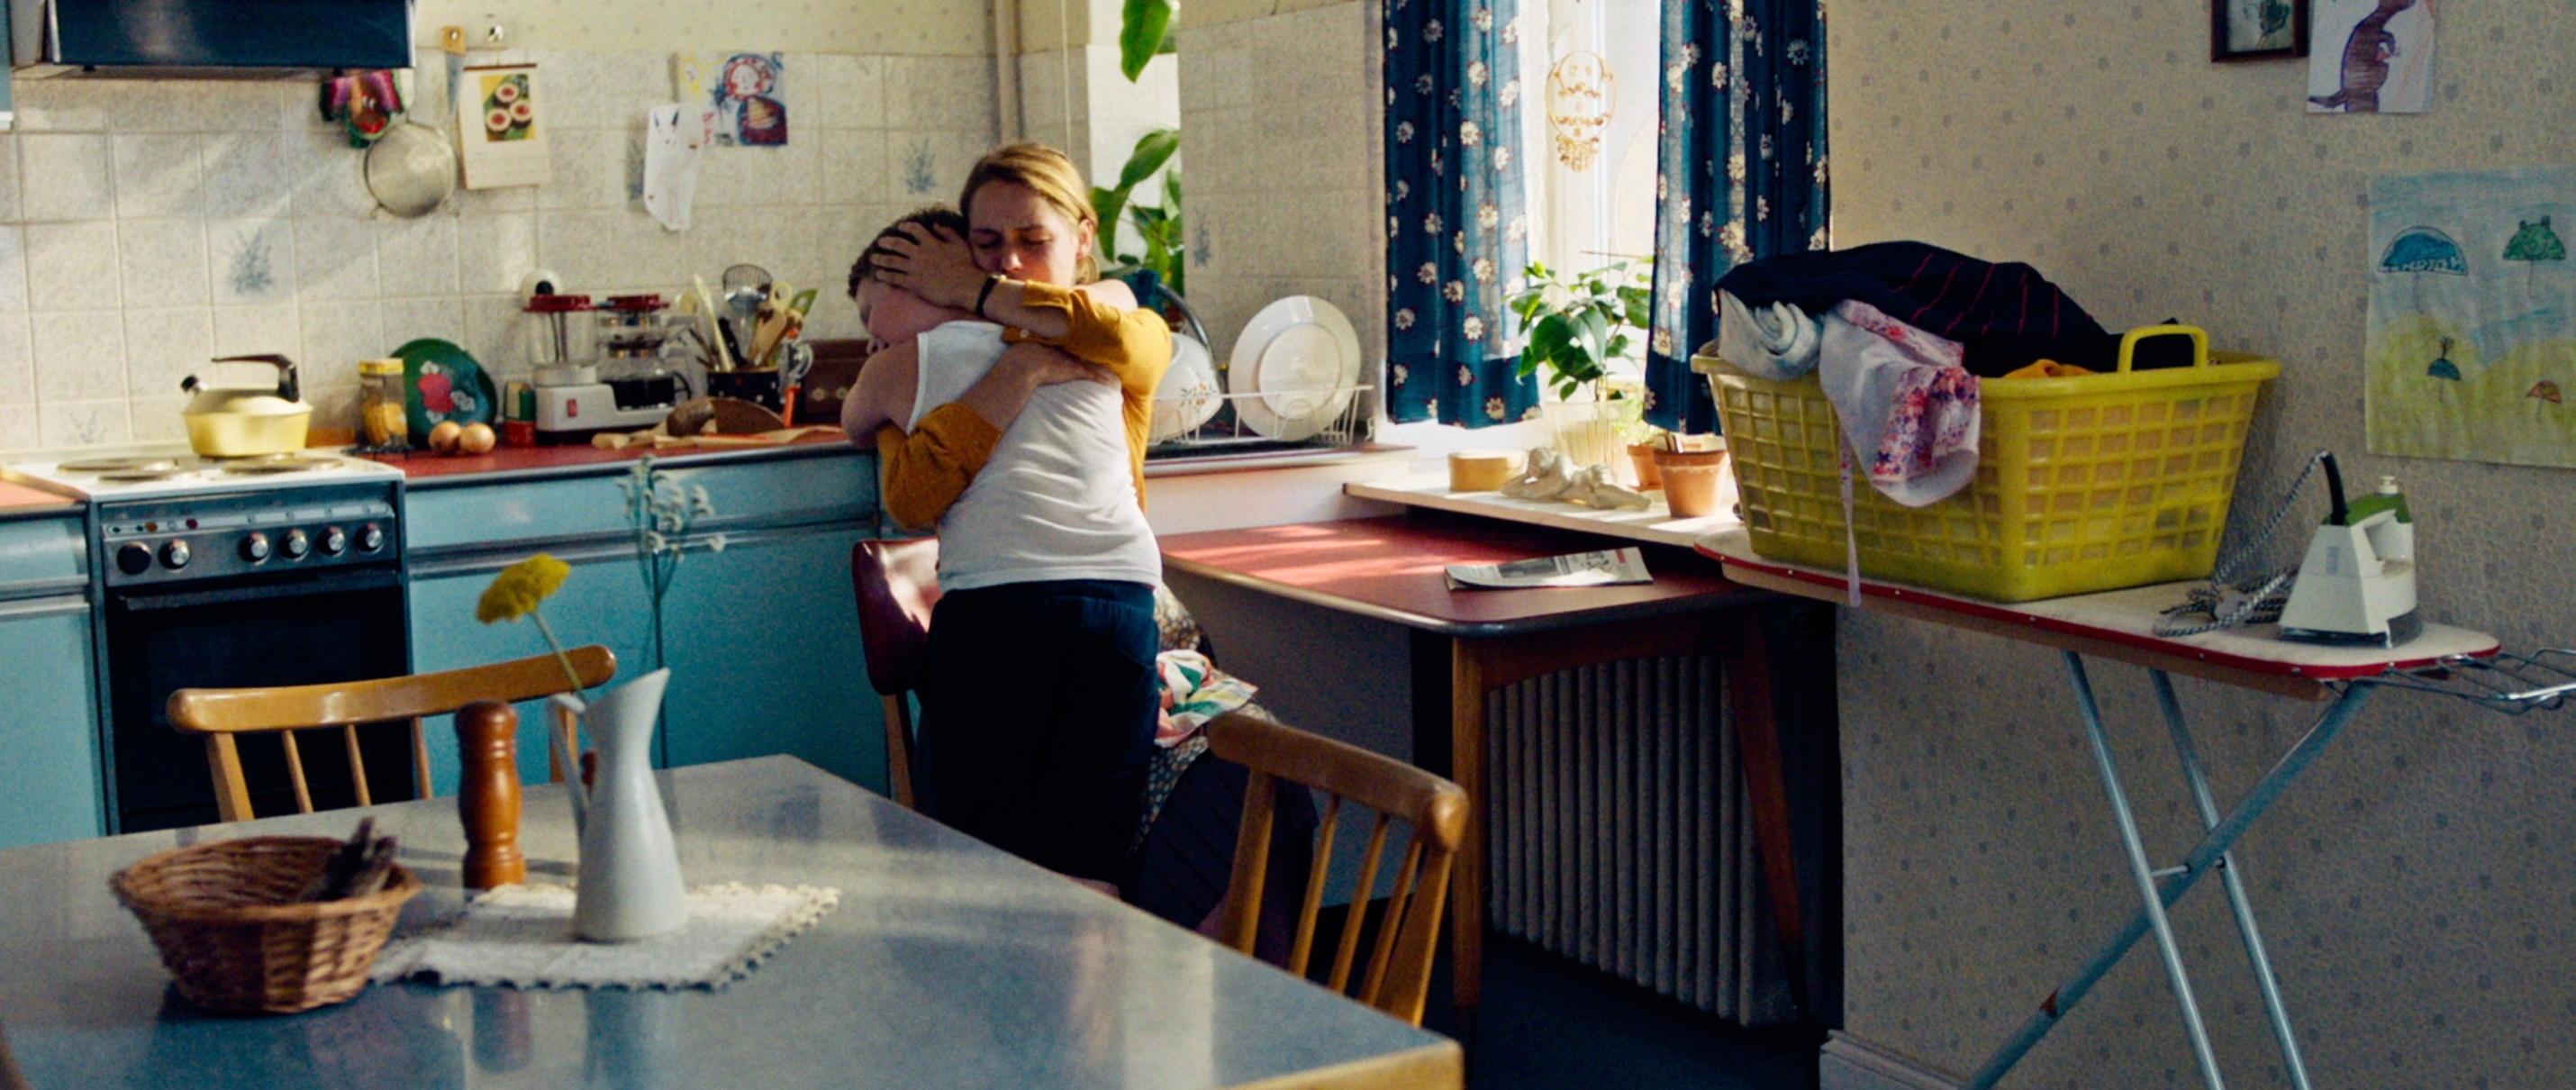 Der Junge muss an die frische Luft - all about me - Hape in den Armen seiner Mama - Regie Caroline Link - Kamera Judith Kaufmann